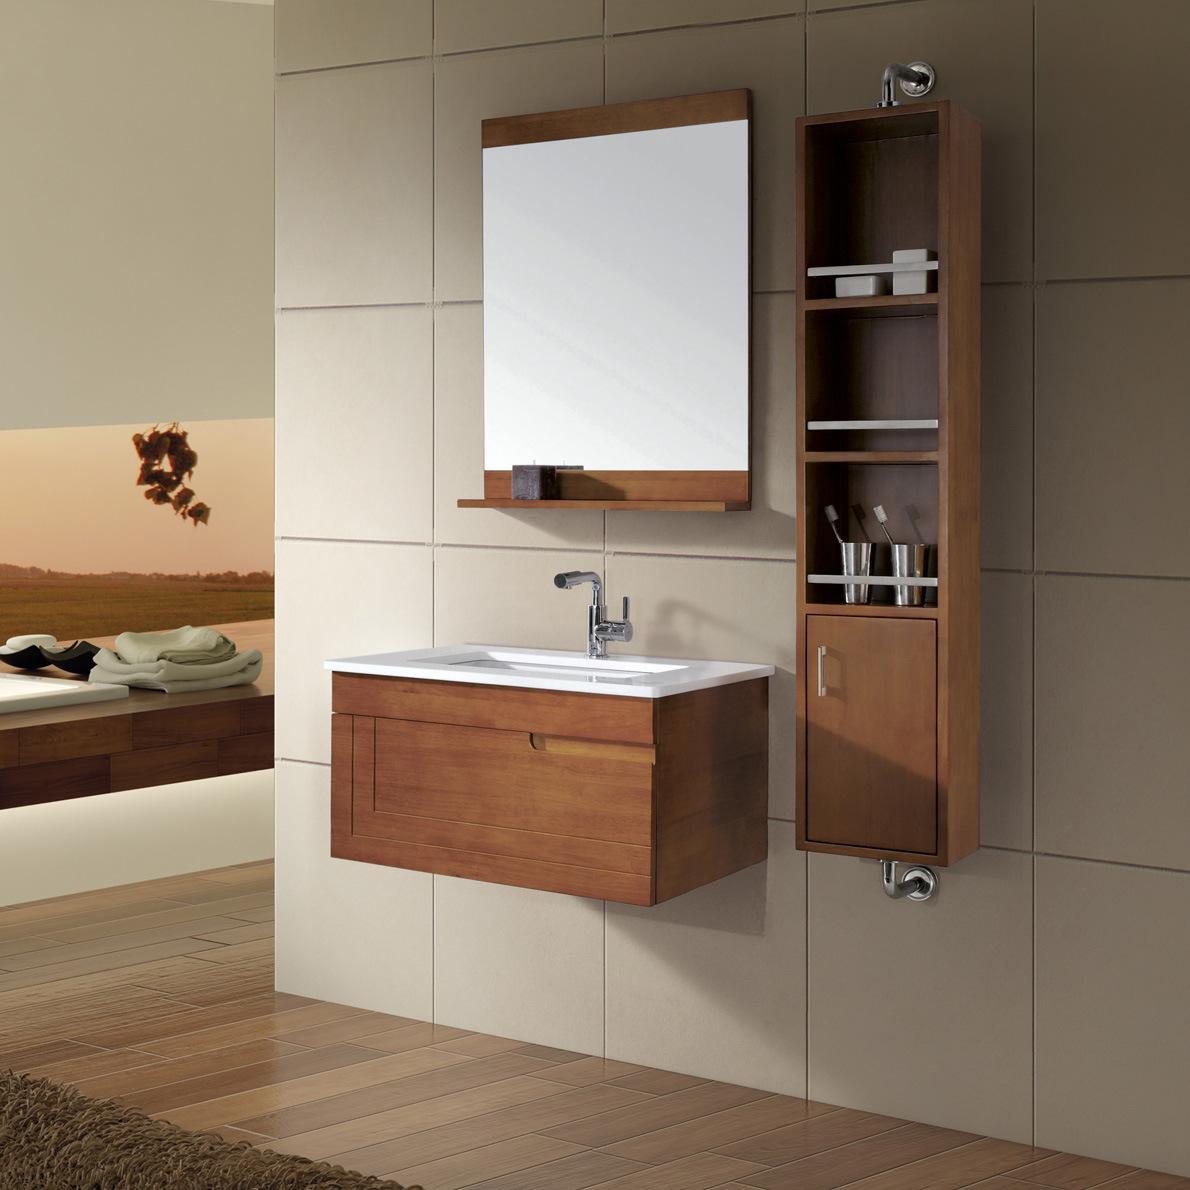 Armário de banheiro/vaidade (Kl269) –Armário de banheiro/vaidade  #91623A 1190x1190 Banheiro Chines